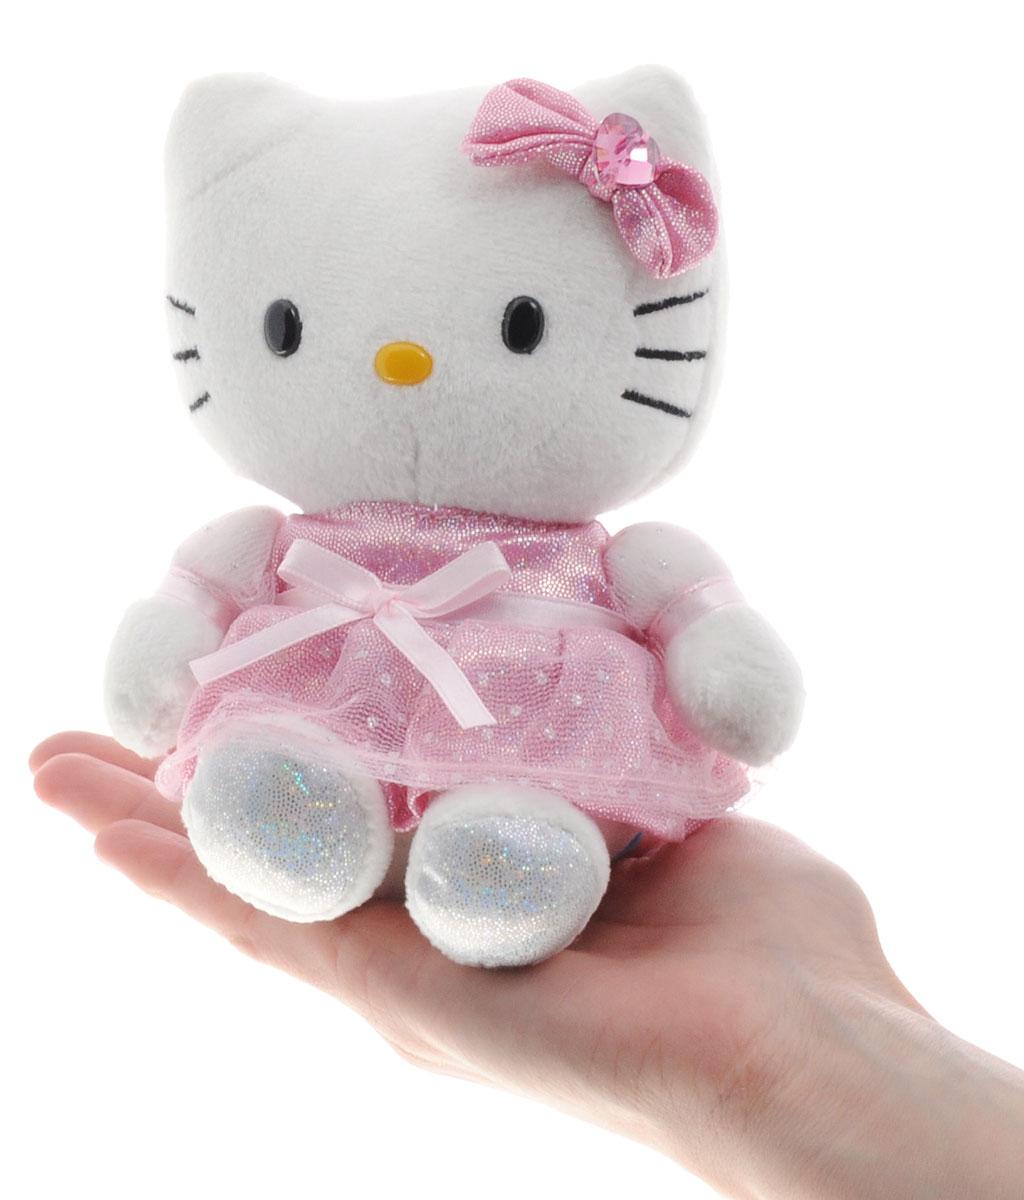 Мульти-Пульти Мягкая игрушка Hello Kitty 15 см